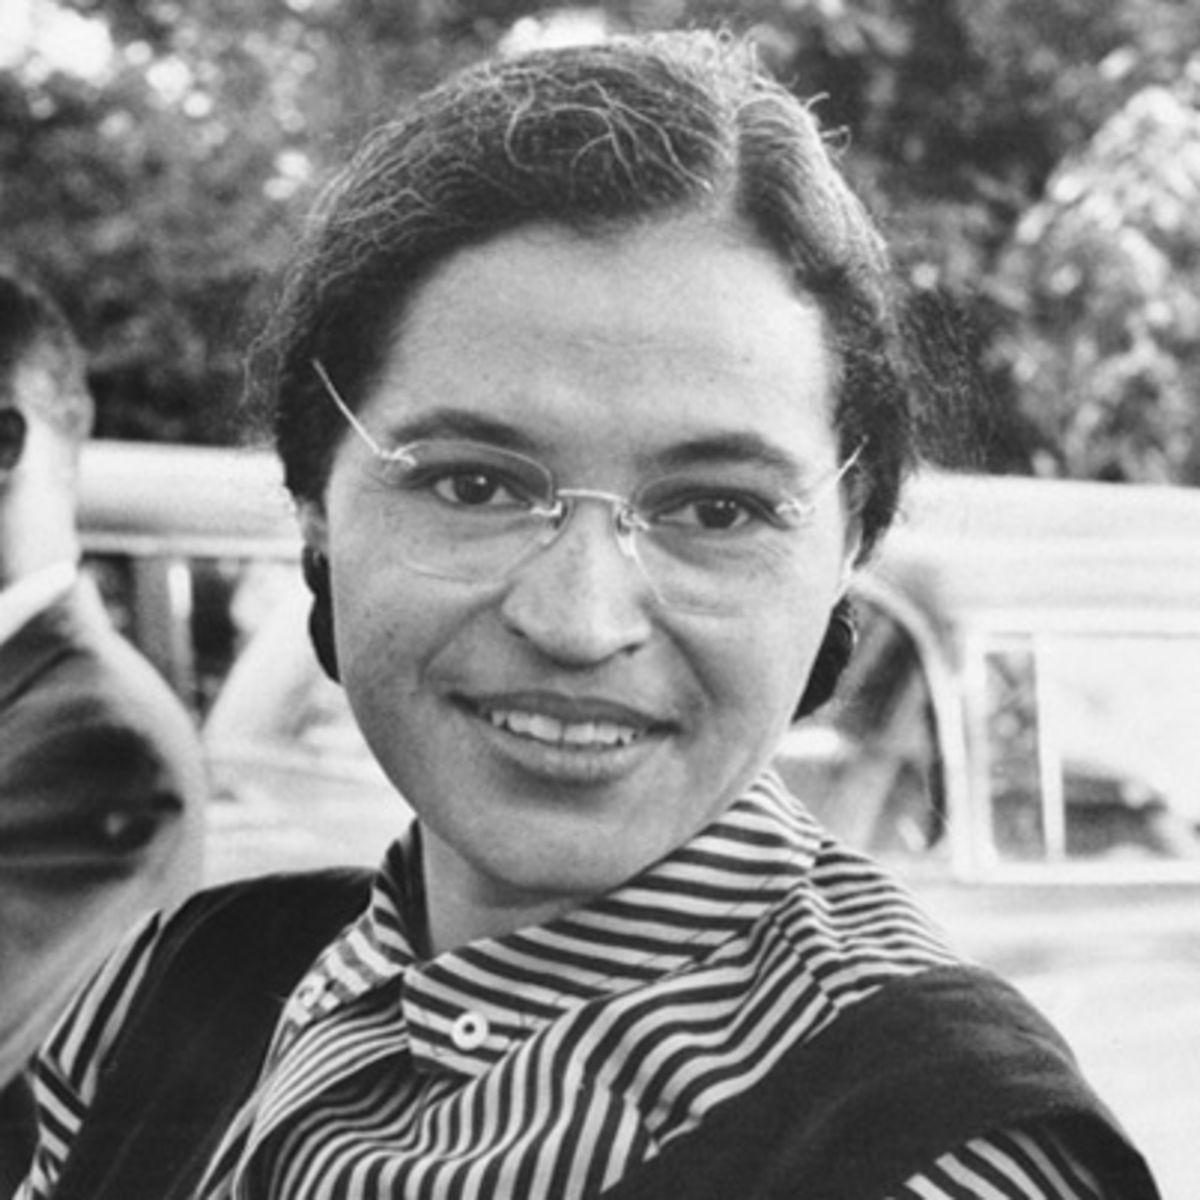 Rosa Parks, insan hakları savunucusu (DY-1913) tarihte bugün